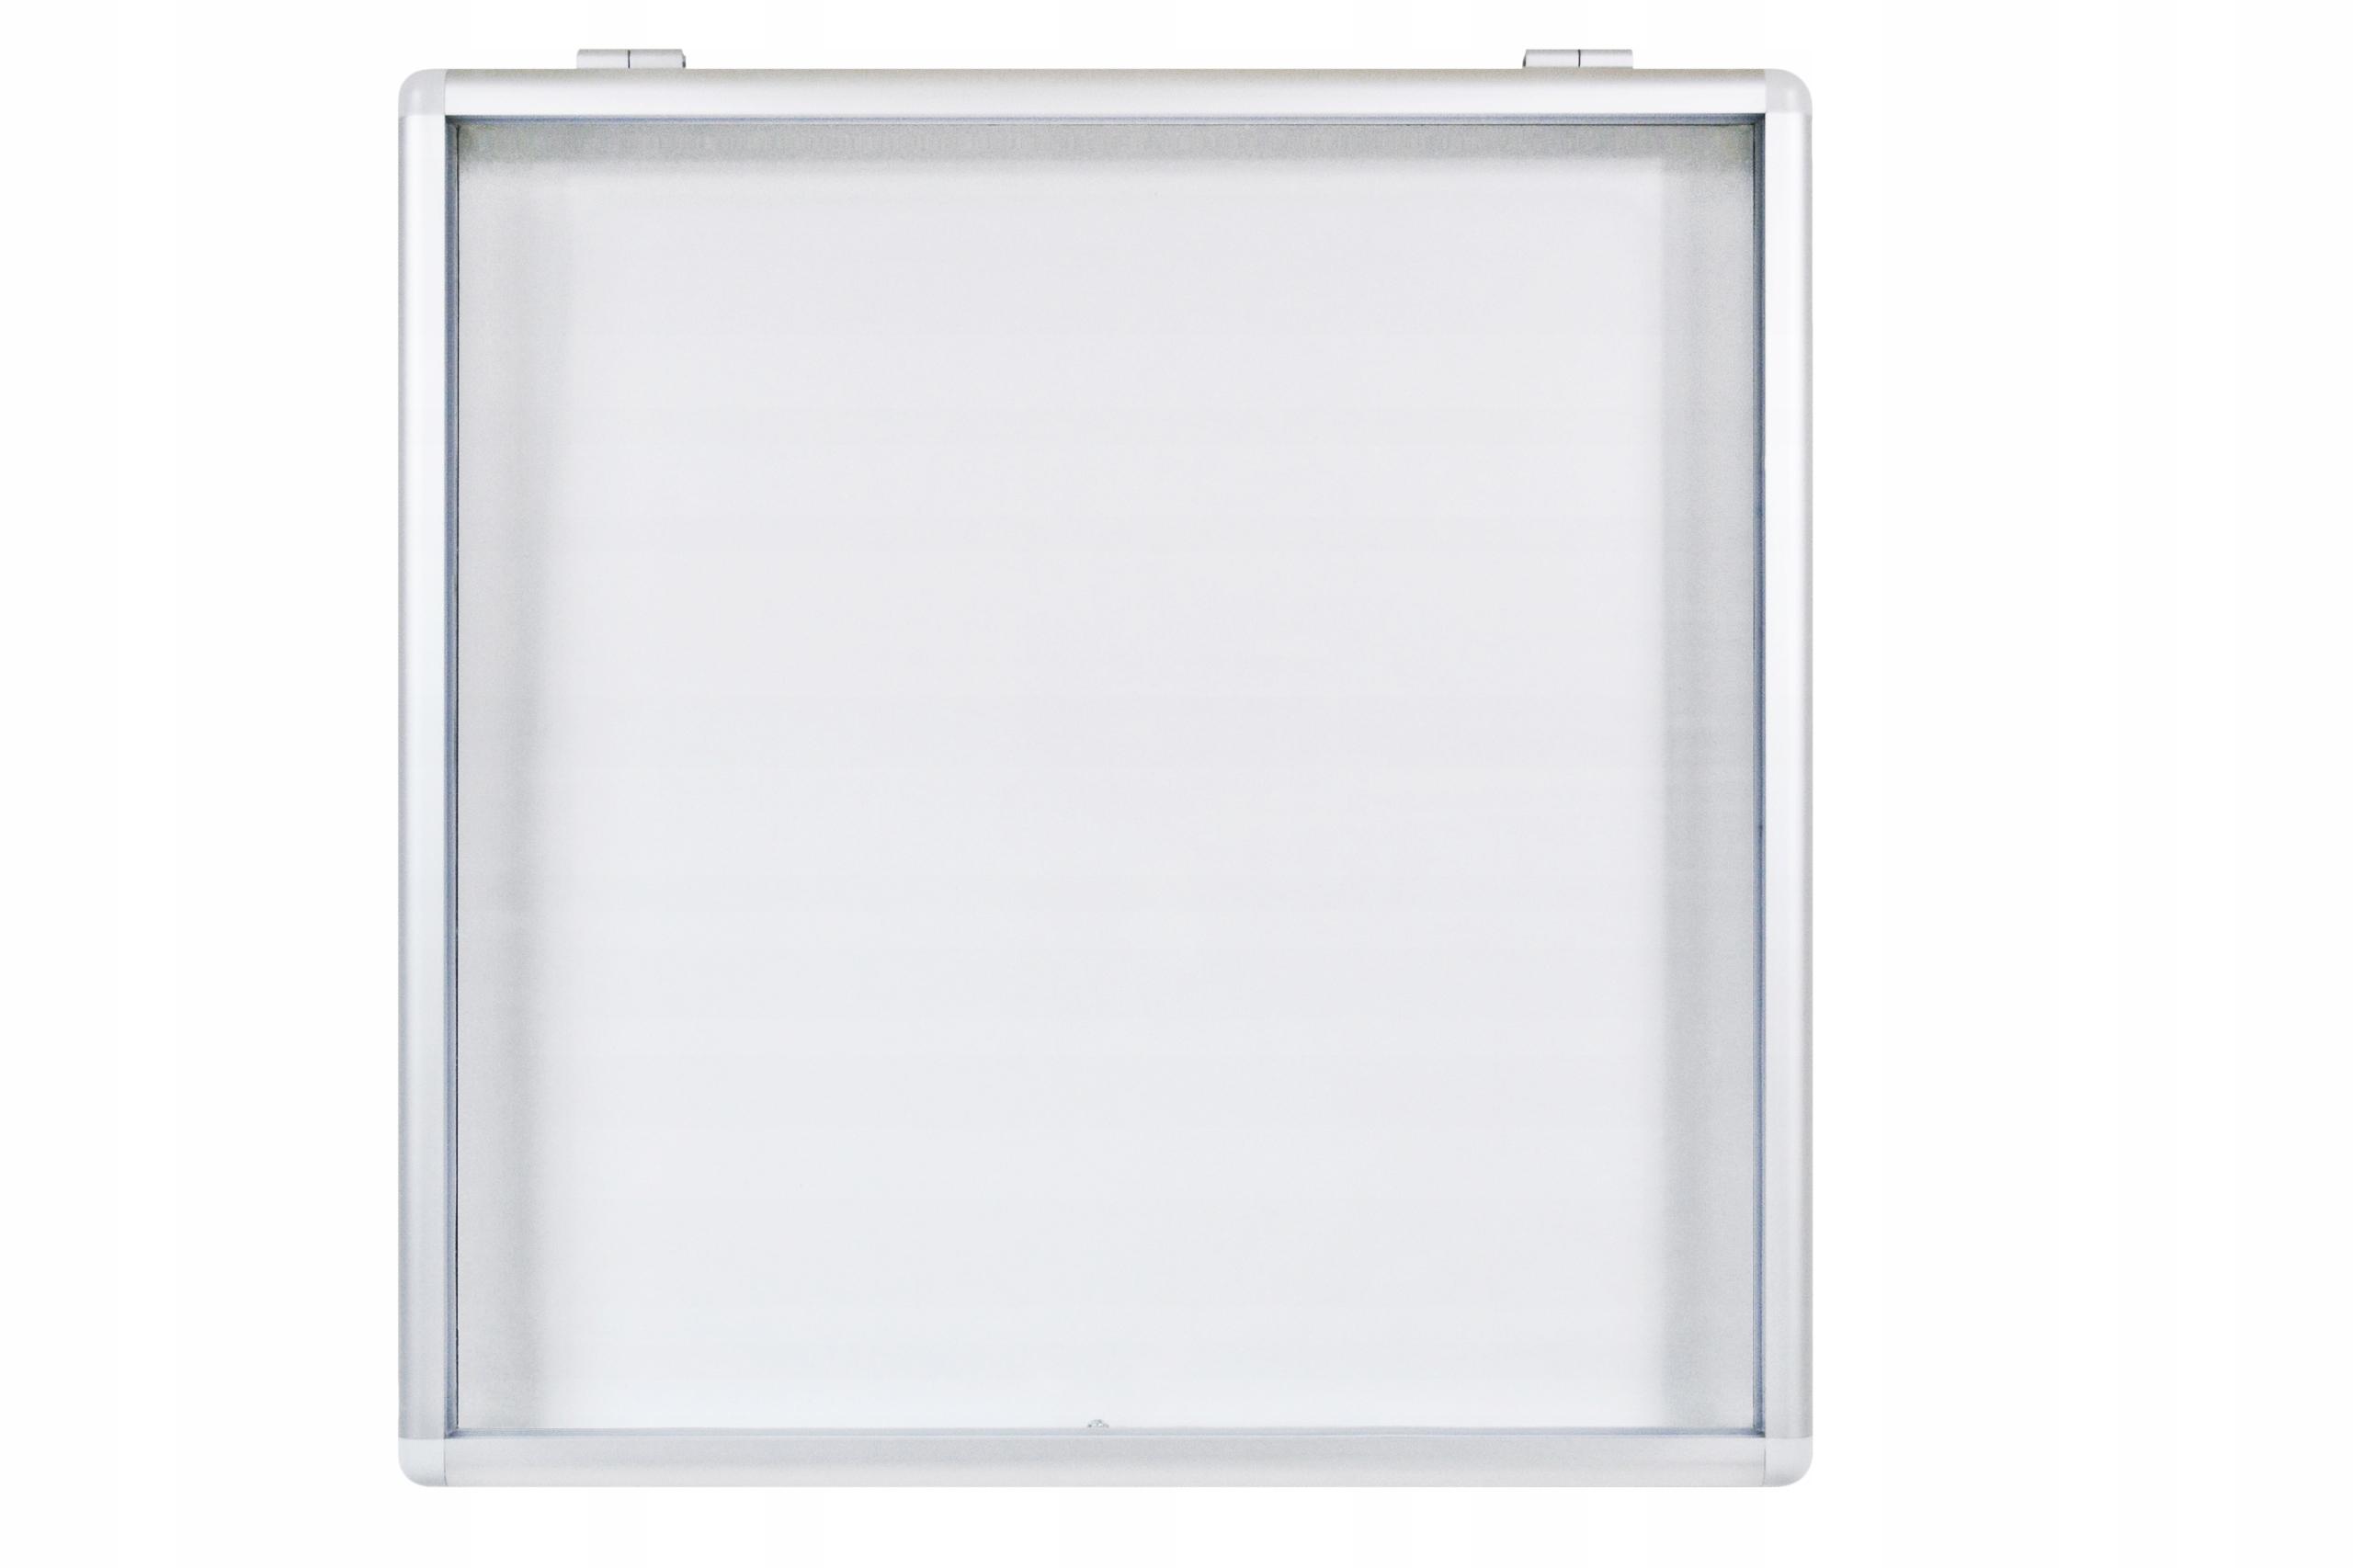 Витрина алюминиевая баннерная 120х120 ХИТ